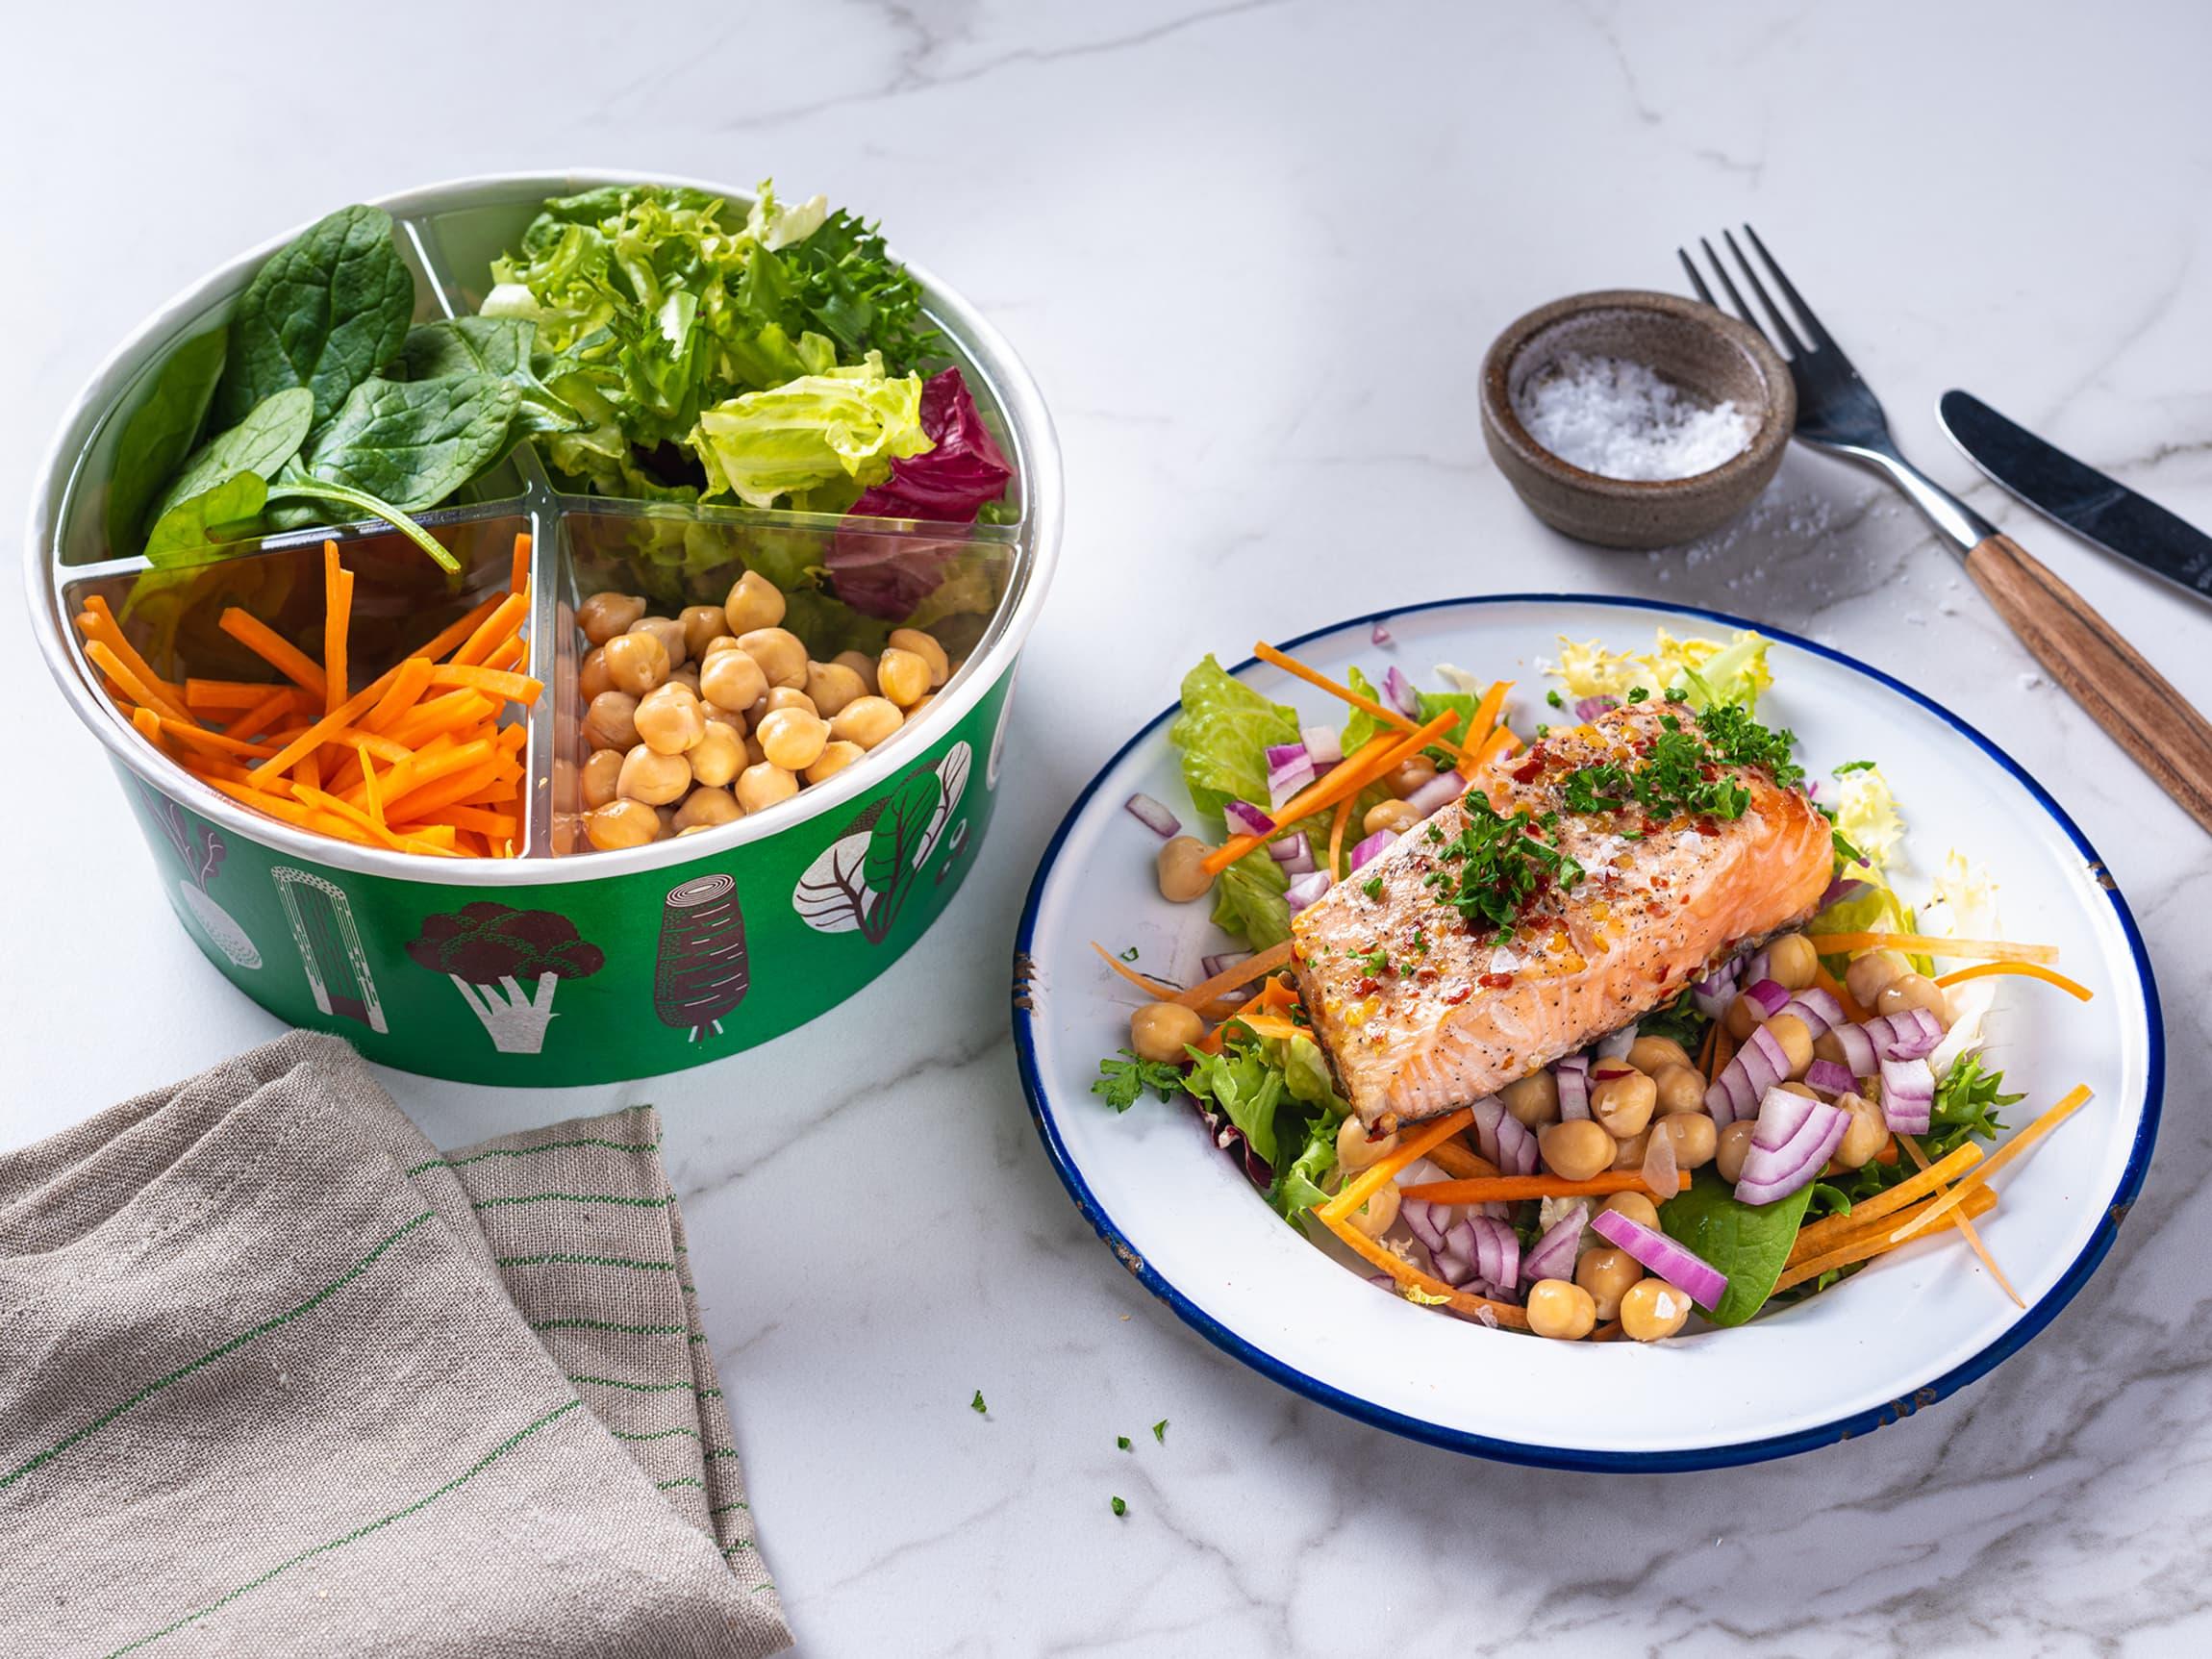 Rask og enkel mat trenger ikke være usunn! Kjøp med deg salat fra salatbaren og ta med deg en laksefilet fra fiskedisken. Kjapp middag på få minutter!